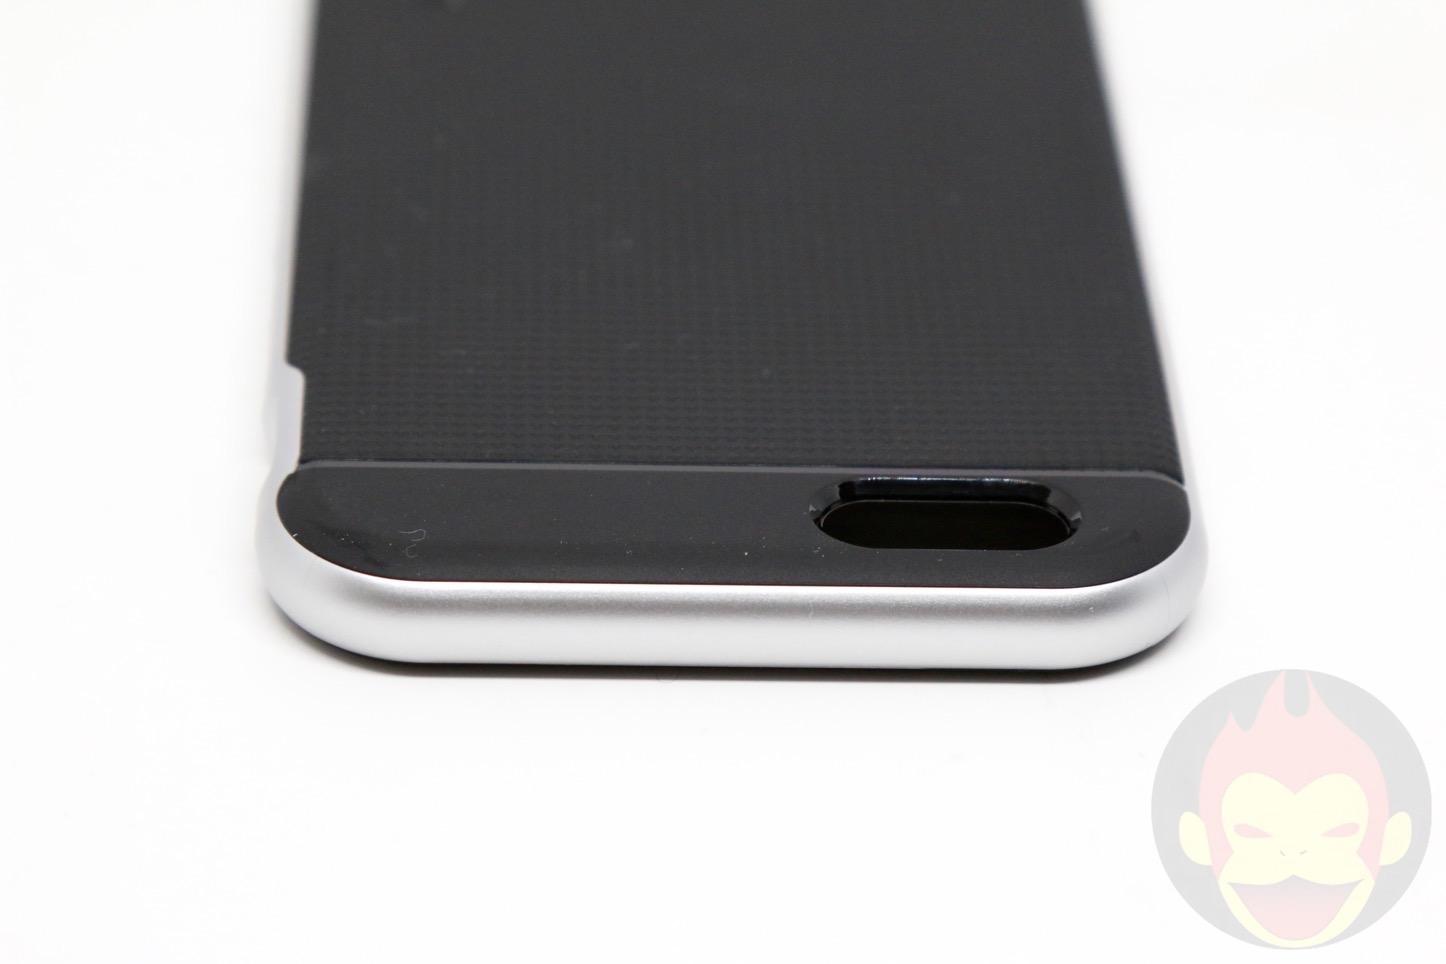 iPhone6s-Spigen-Neo-Hybrid-Case-06.JPG